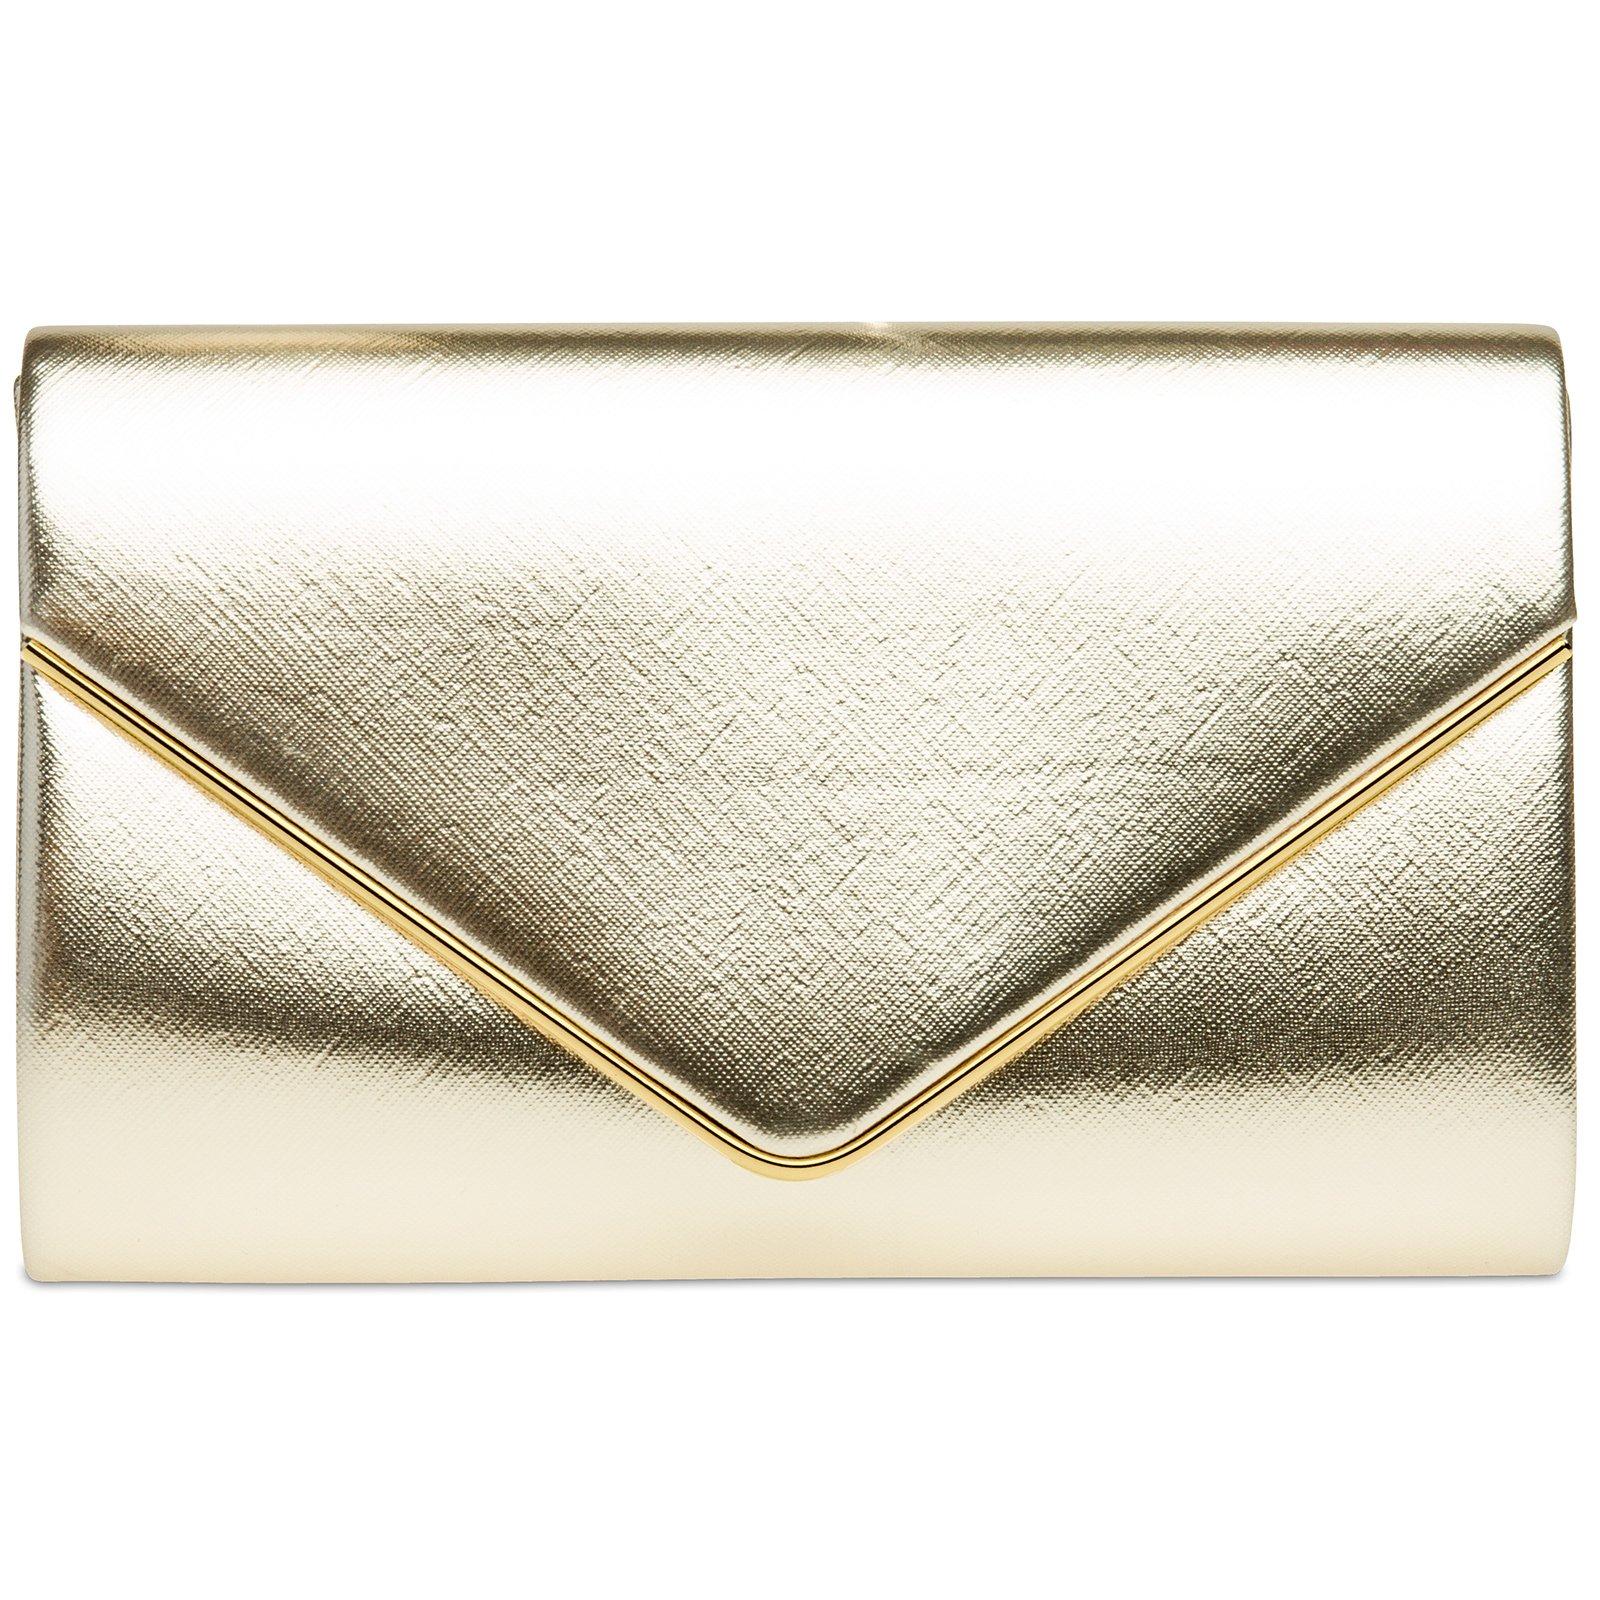 61299bf3be CASPAR TA372 Sac à main clutch enveloppe élégant pour femme - Pochette de  soirée avec longue